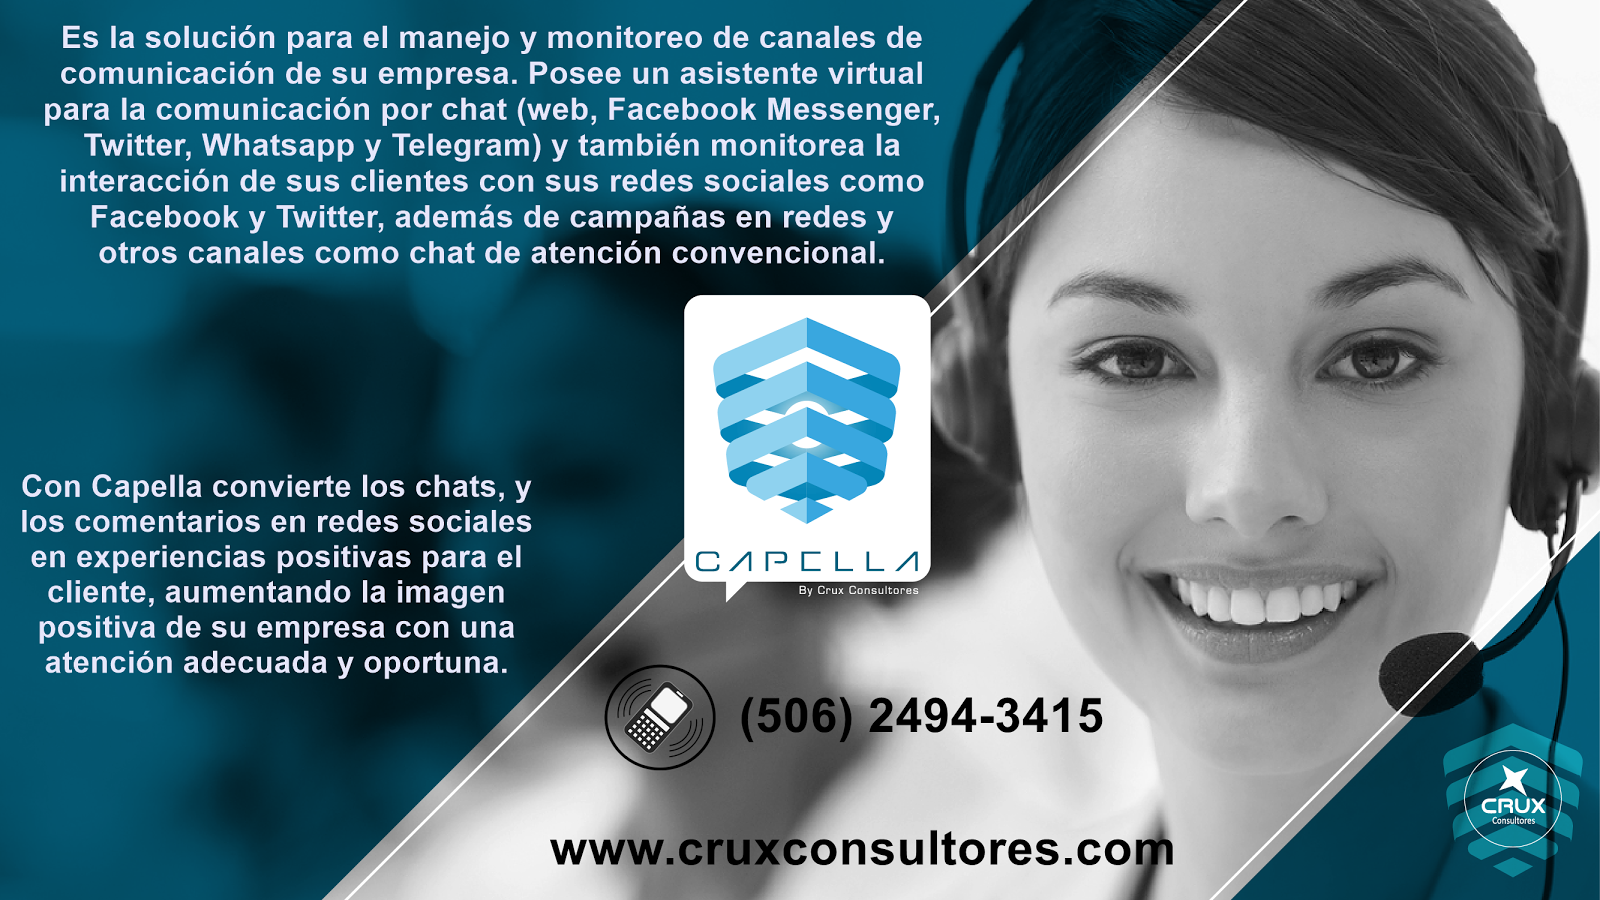 Capella: Es la solución para el manejo y monitoreo de canales de comunicación de su empresa.